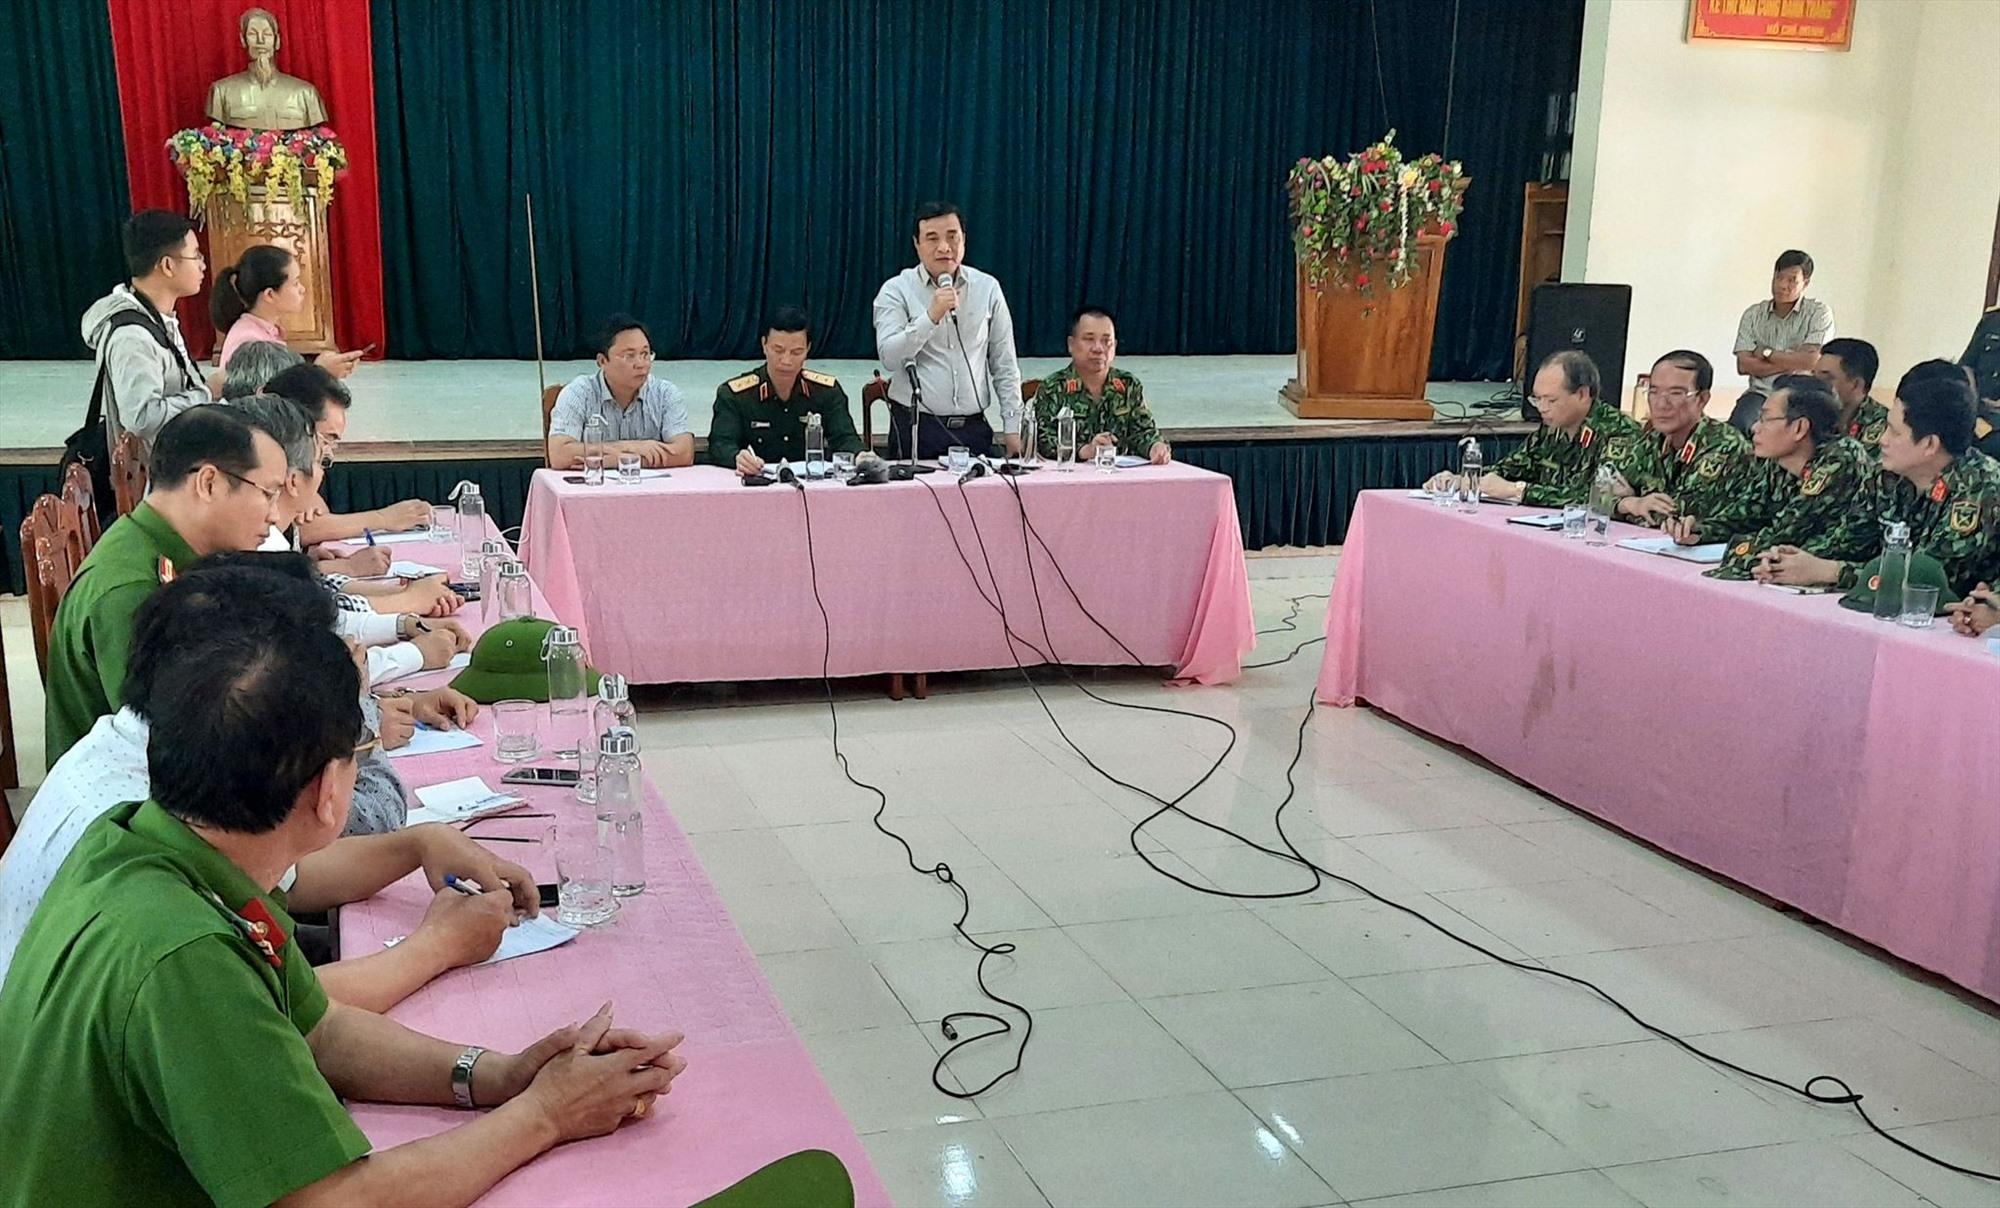 Bí thư Tỉnh ủy Phan Việt Cường phát biểu chỉ đạo tại cuộc họp với Sở chỉ huy tìm kiếm cứu nạn.